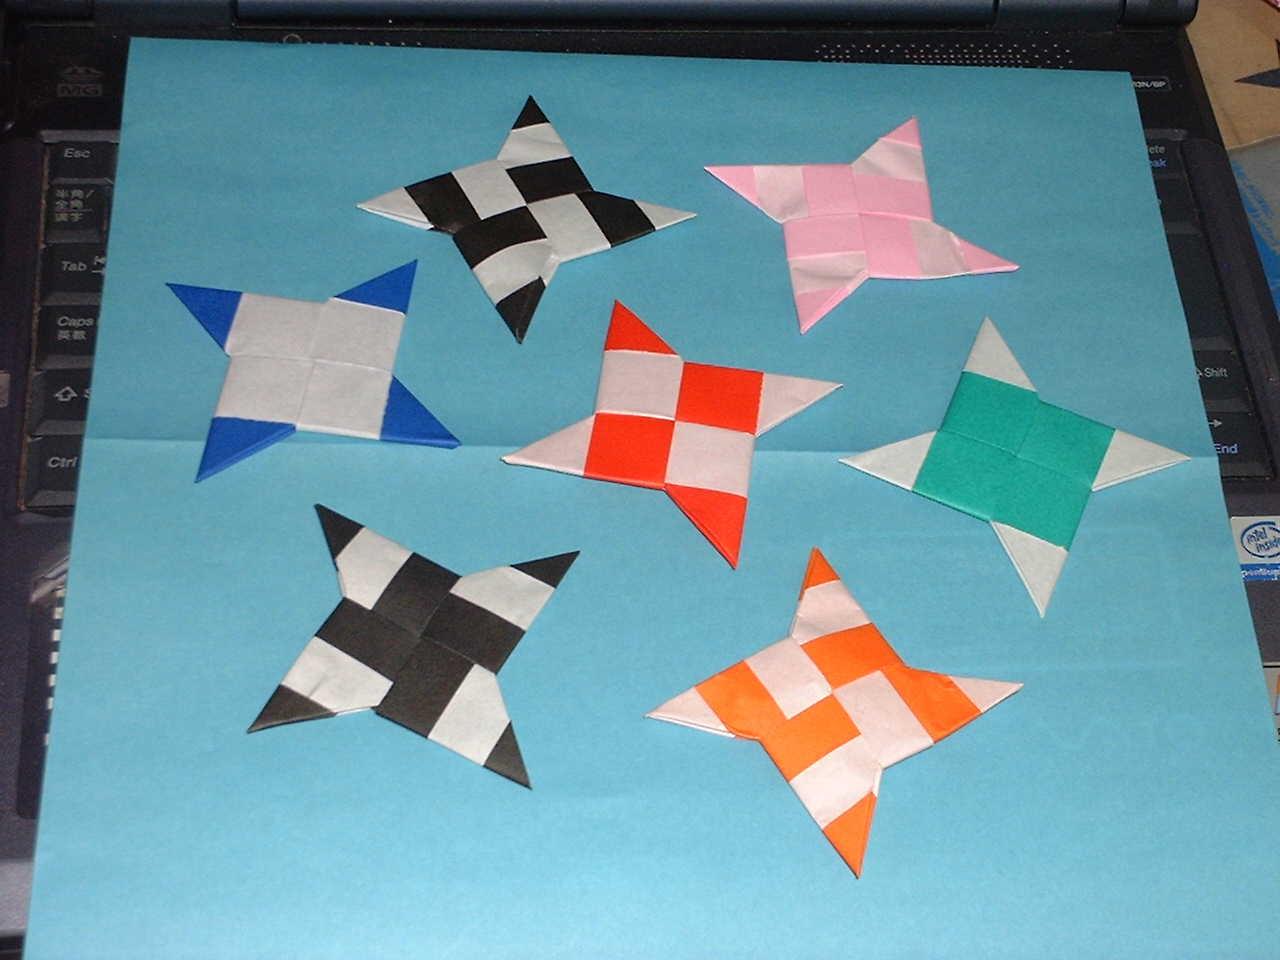 すべての折り紙 手裏剣 折り紙 簡単 : 手裏剣の作り方の画像 - BIGLOBE ...